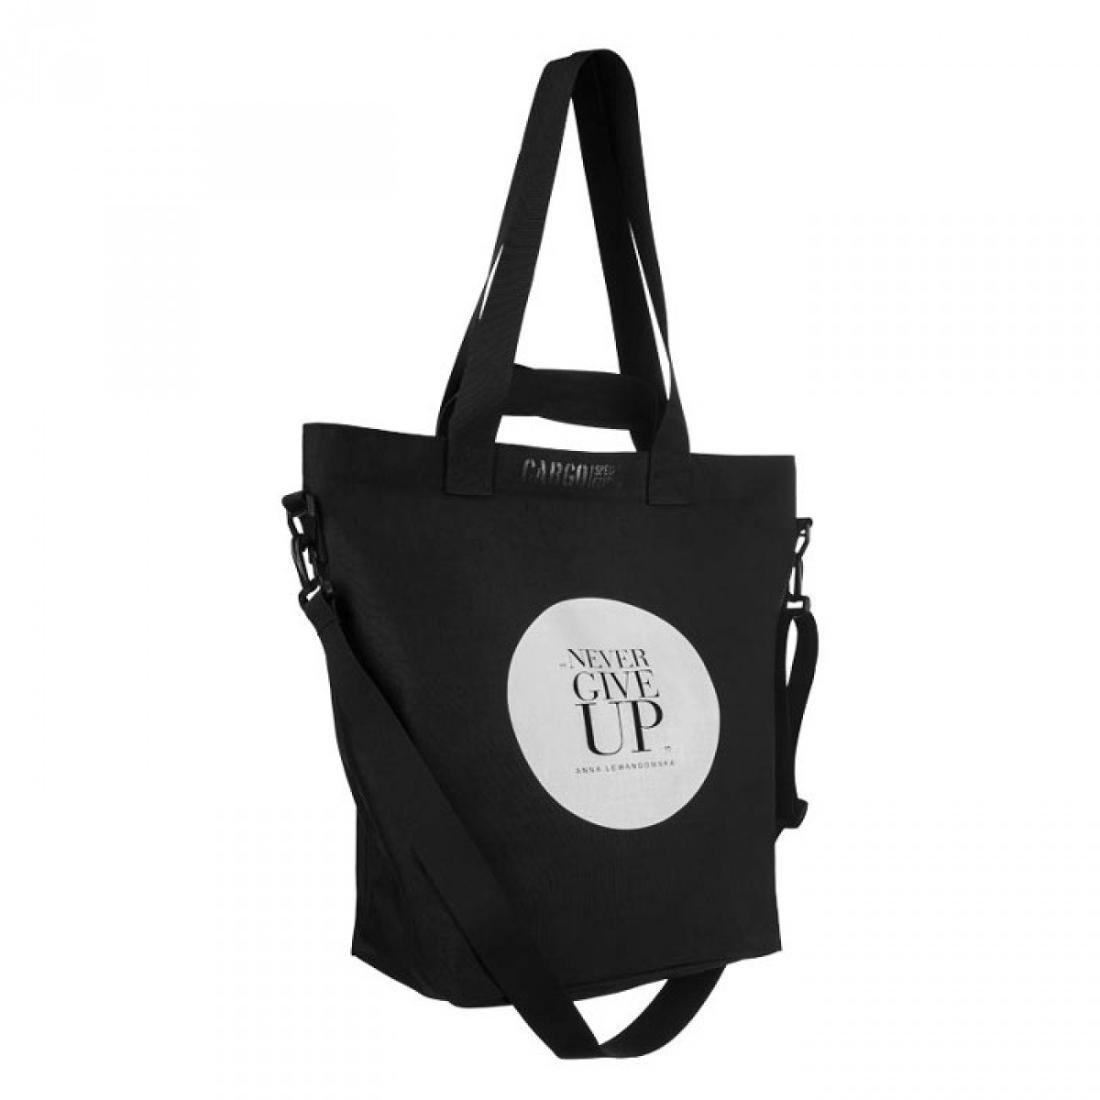 HPBA Torba Cargo, czarna + Lunch box na sałatki, 15x15x9,5 cm